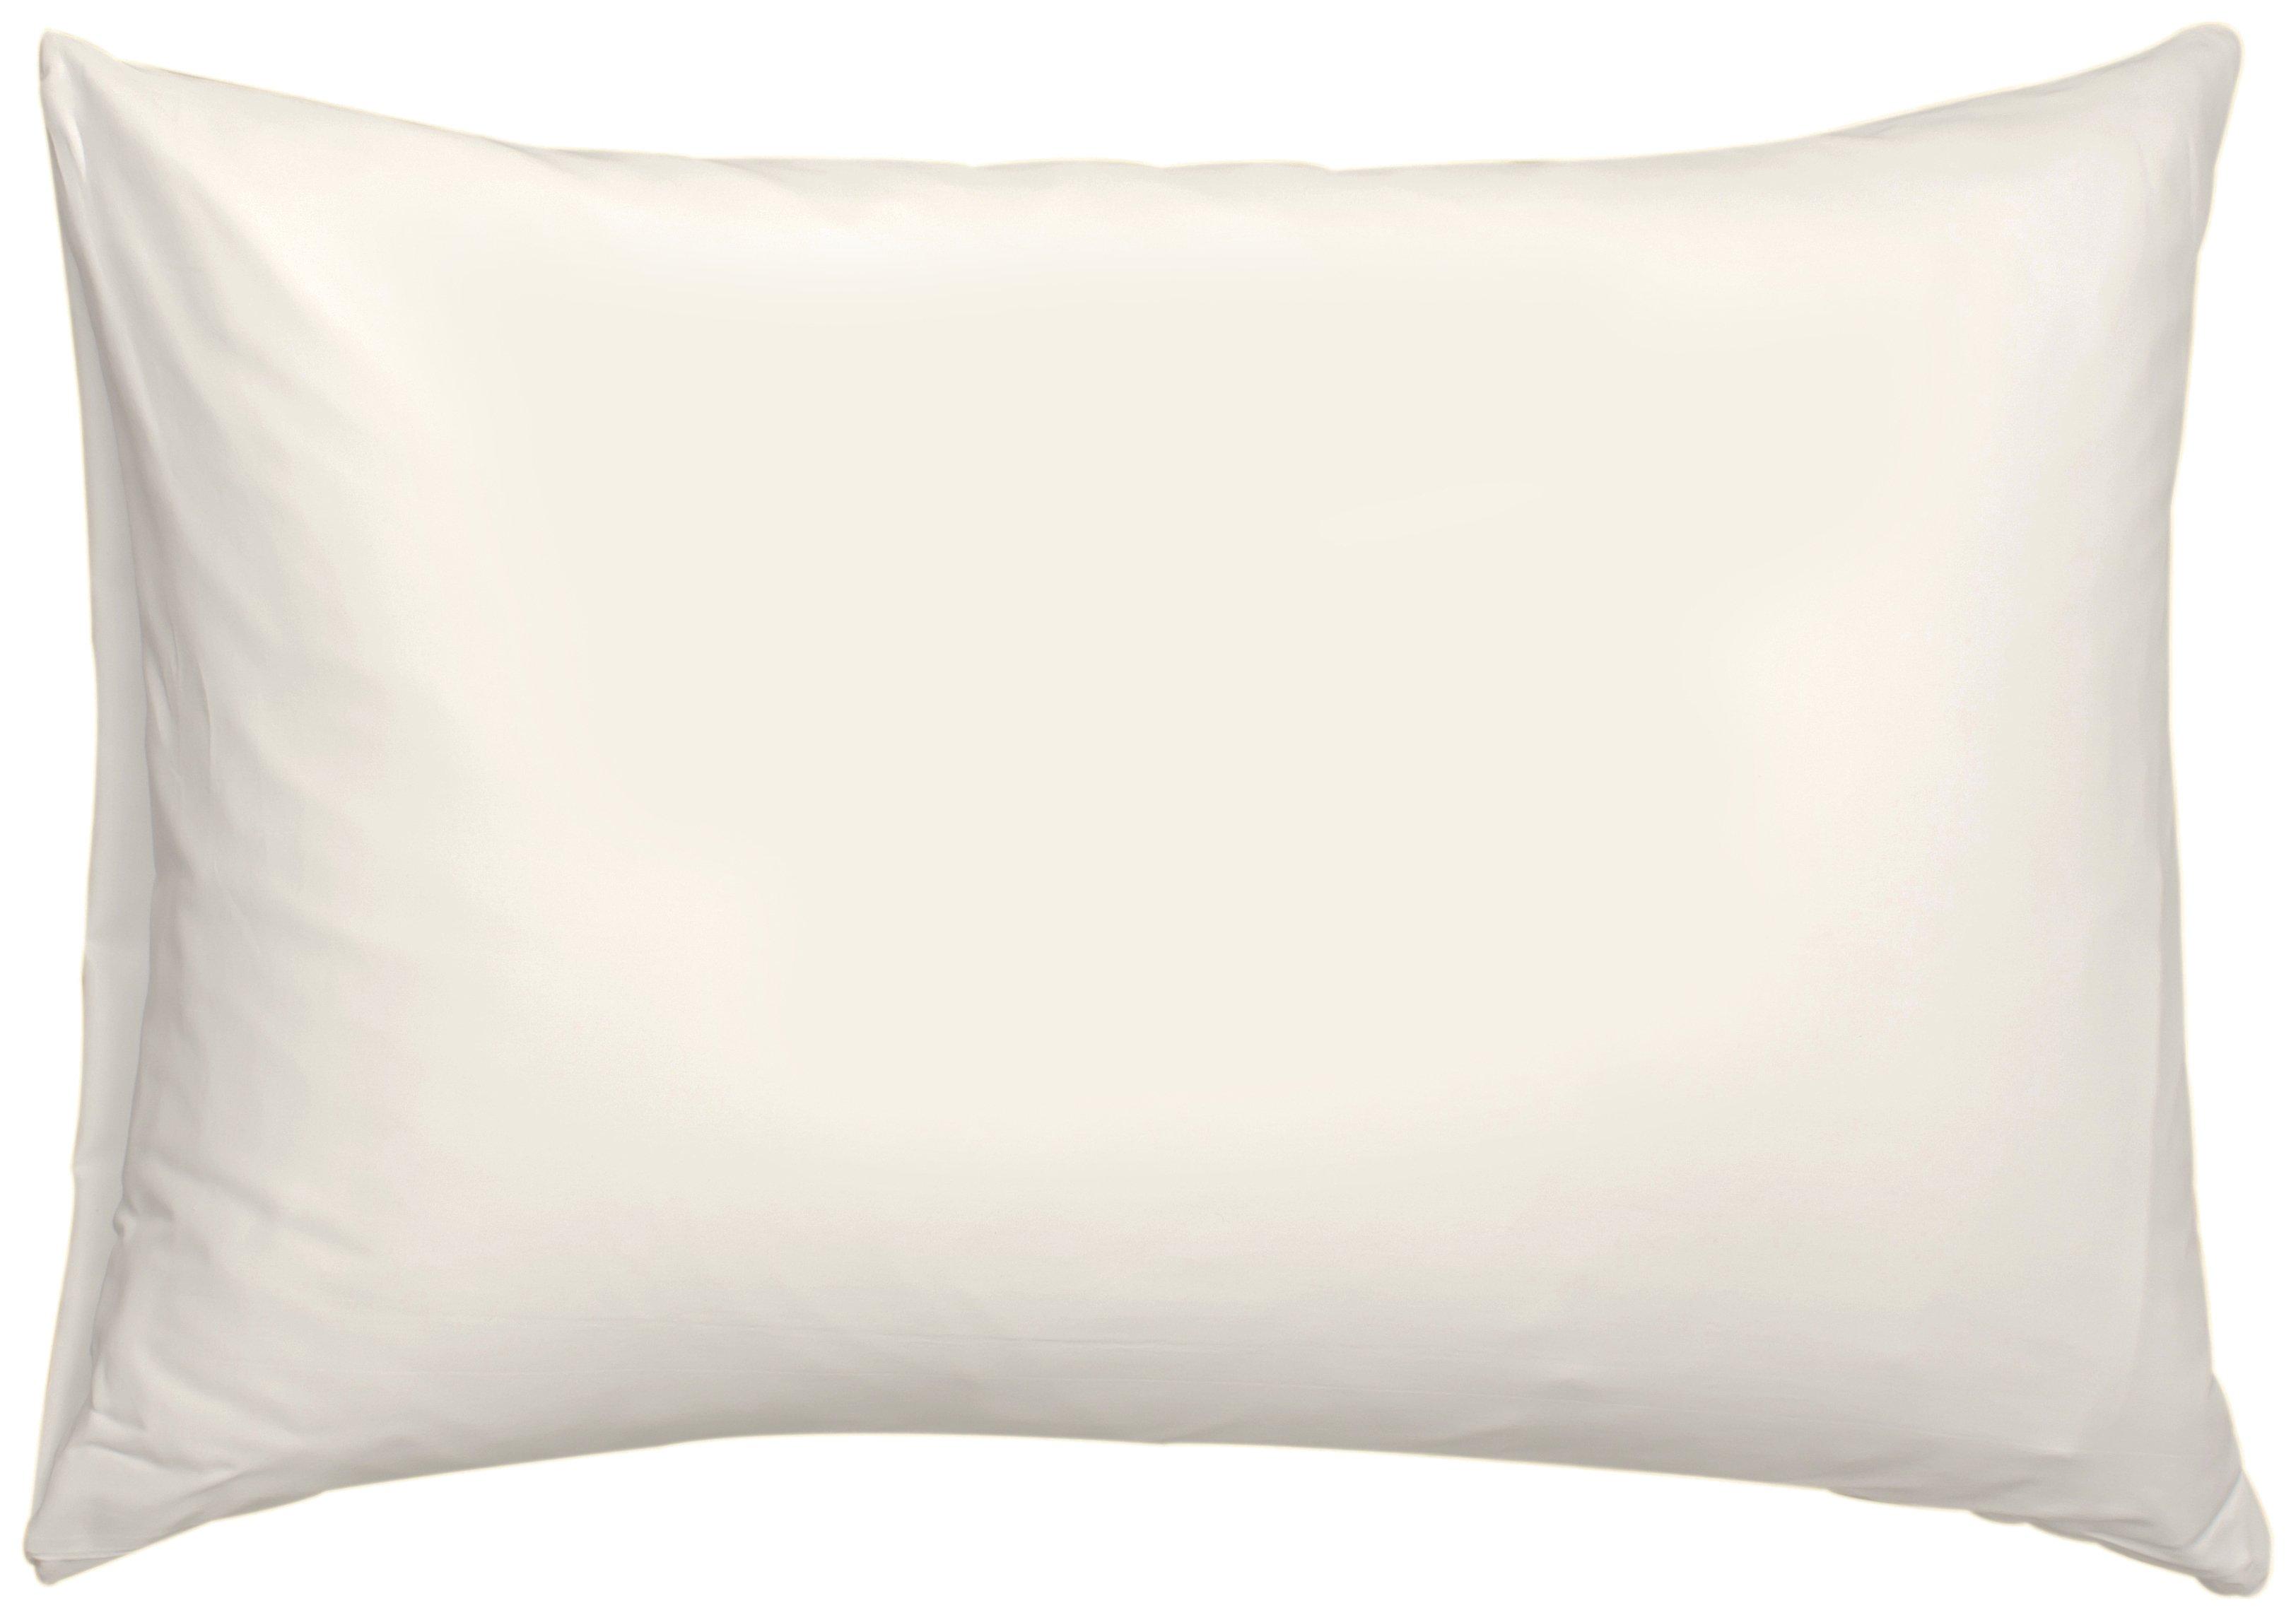 downland  cream kingsize pillowcases  set of 2